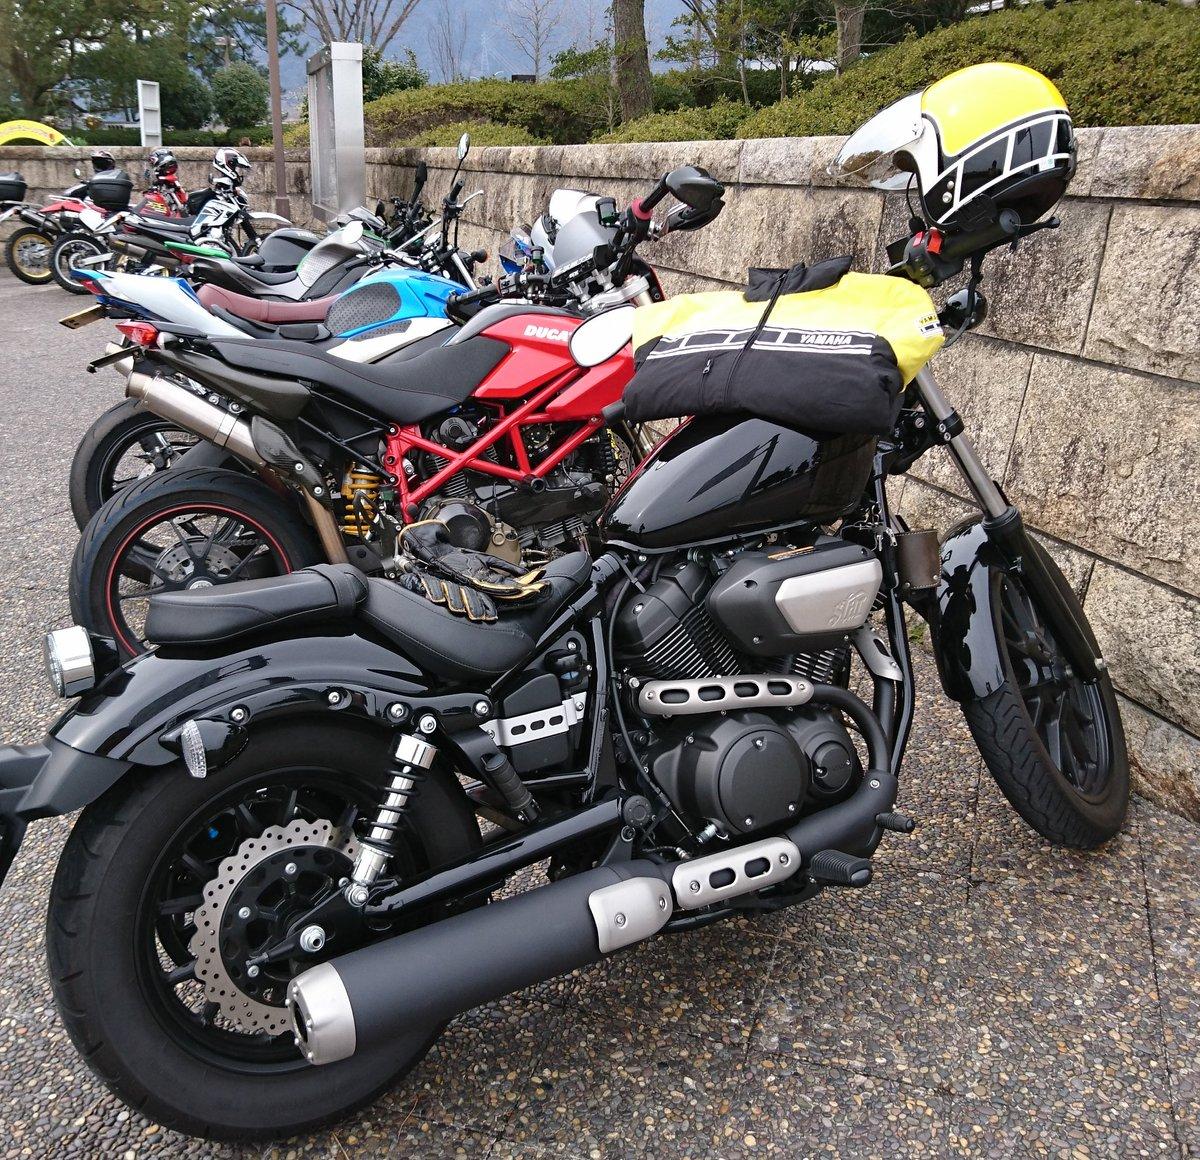 今日は まずまずの #バイク日和 ✴そこまで寒くなく楽しく走れたよ🎶結構な台数での #ツーリング 😁…………と見せかけ、